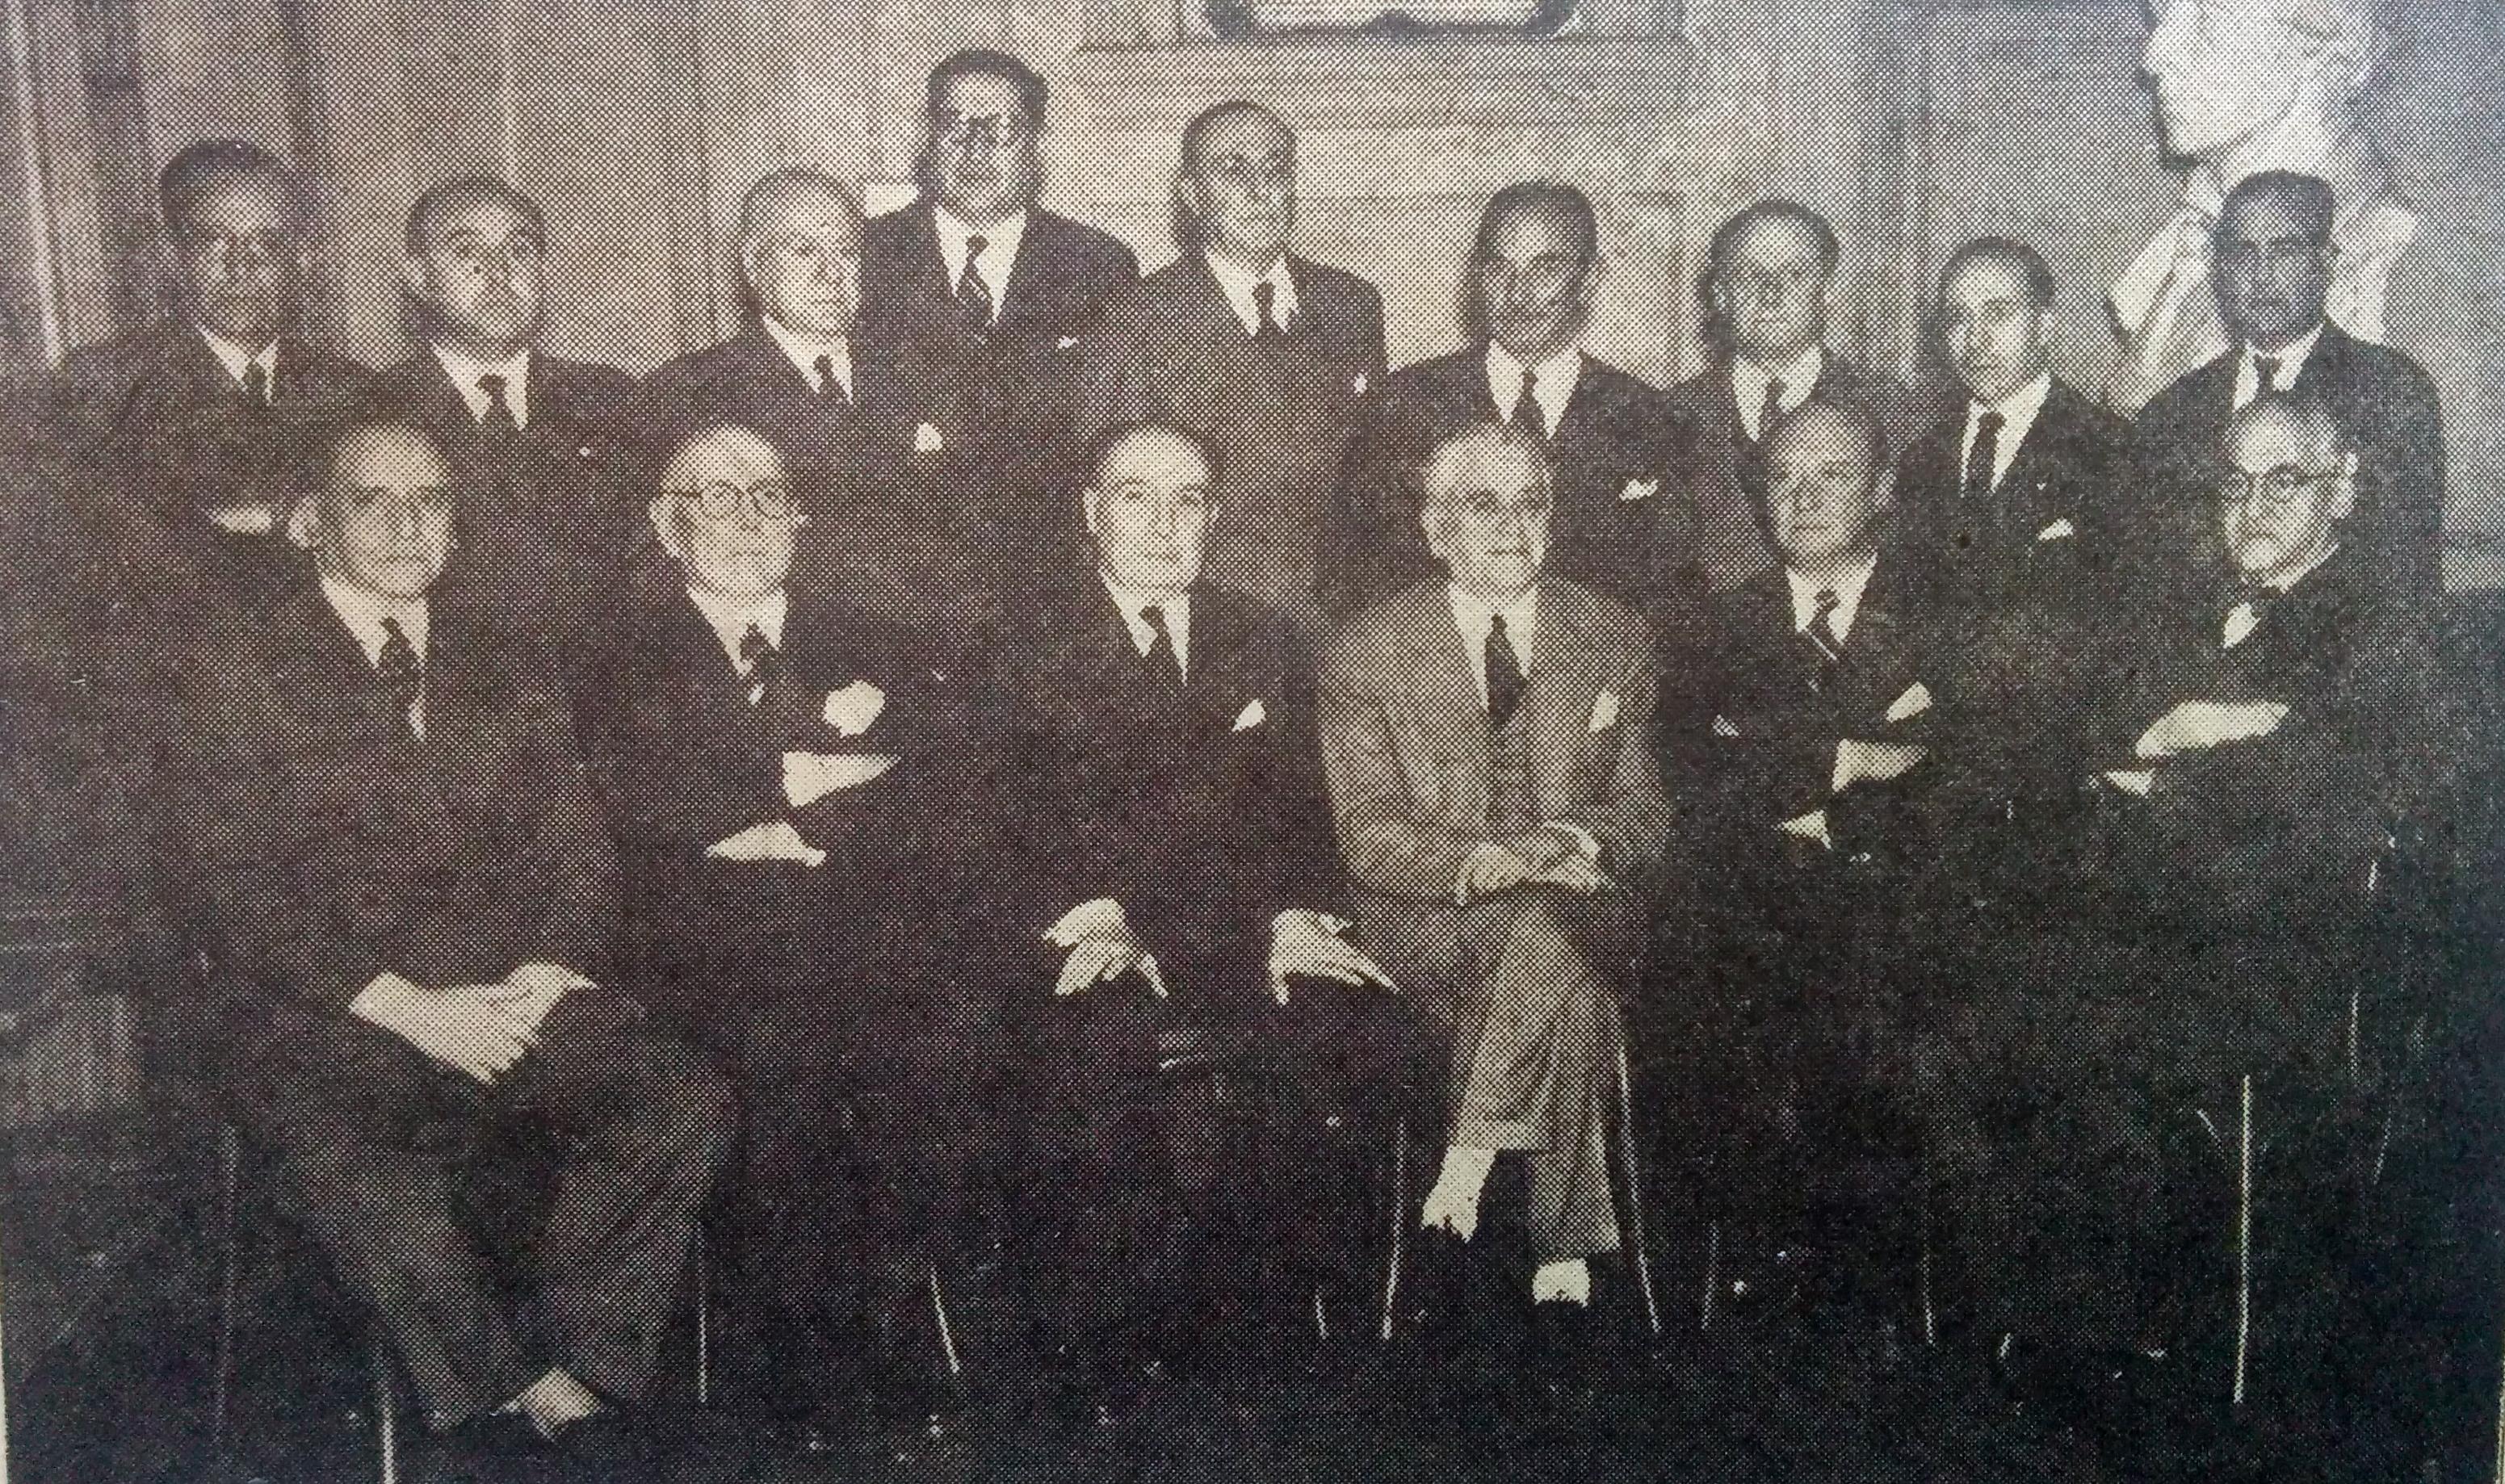 """Comisión directiva del Centro de Amistad y Cultura """"Chivilcoy"""" (Año 1954). El primero de la izquierda, es el Dr. García Sanabria."""